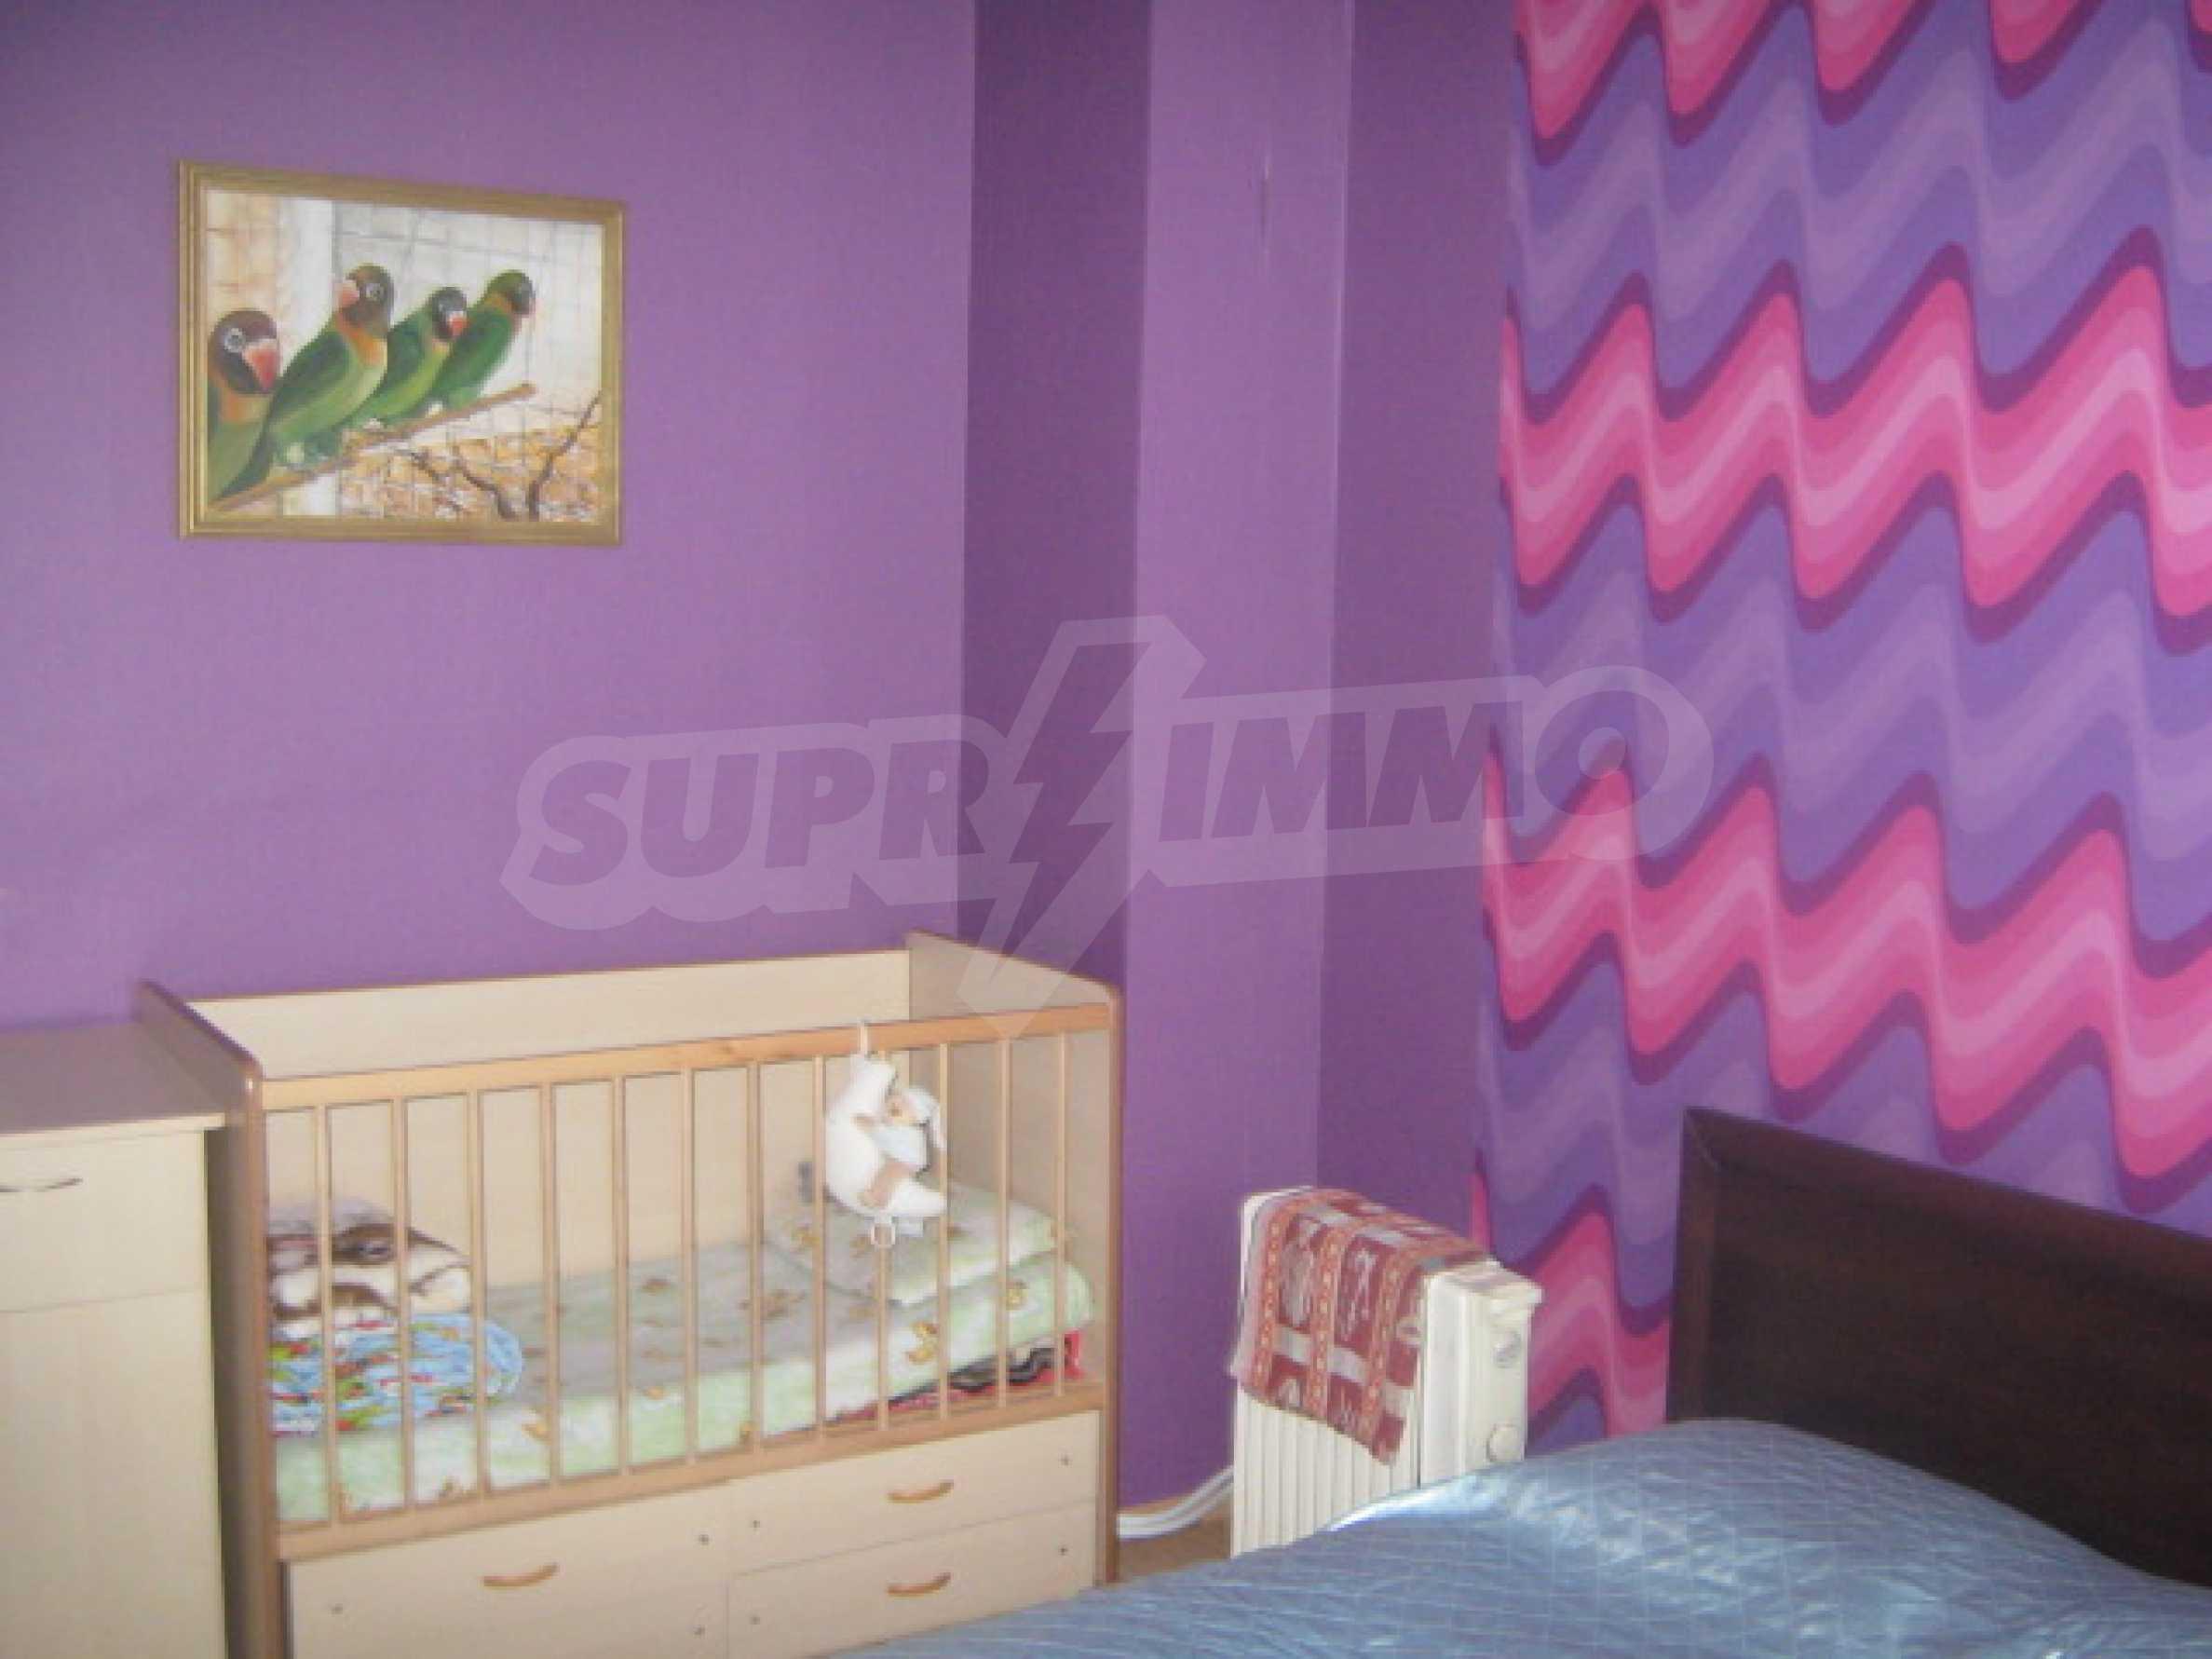 Двустаен апартамент за продажба във гр. Видин 11